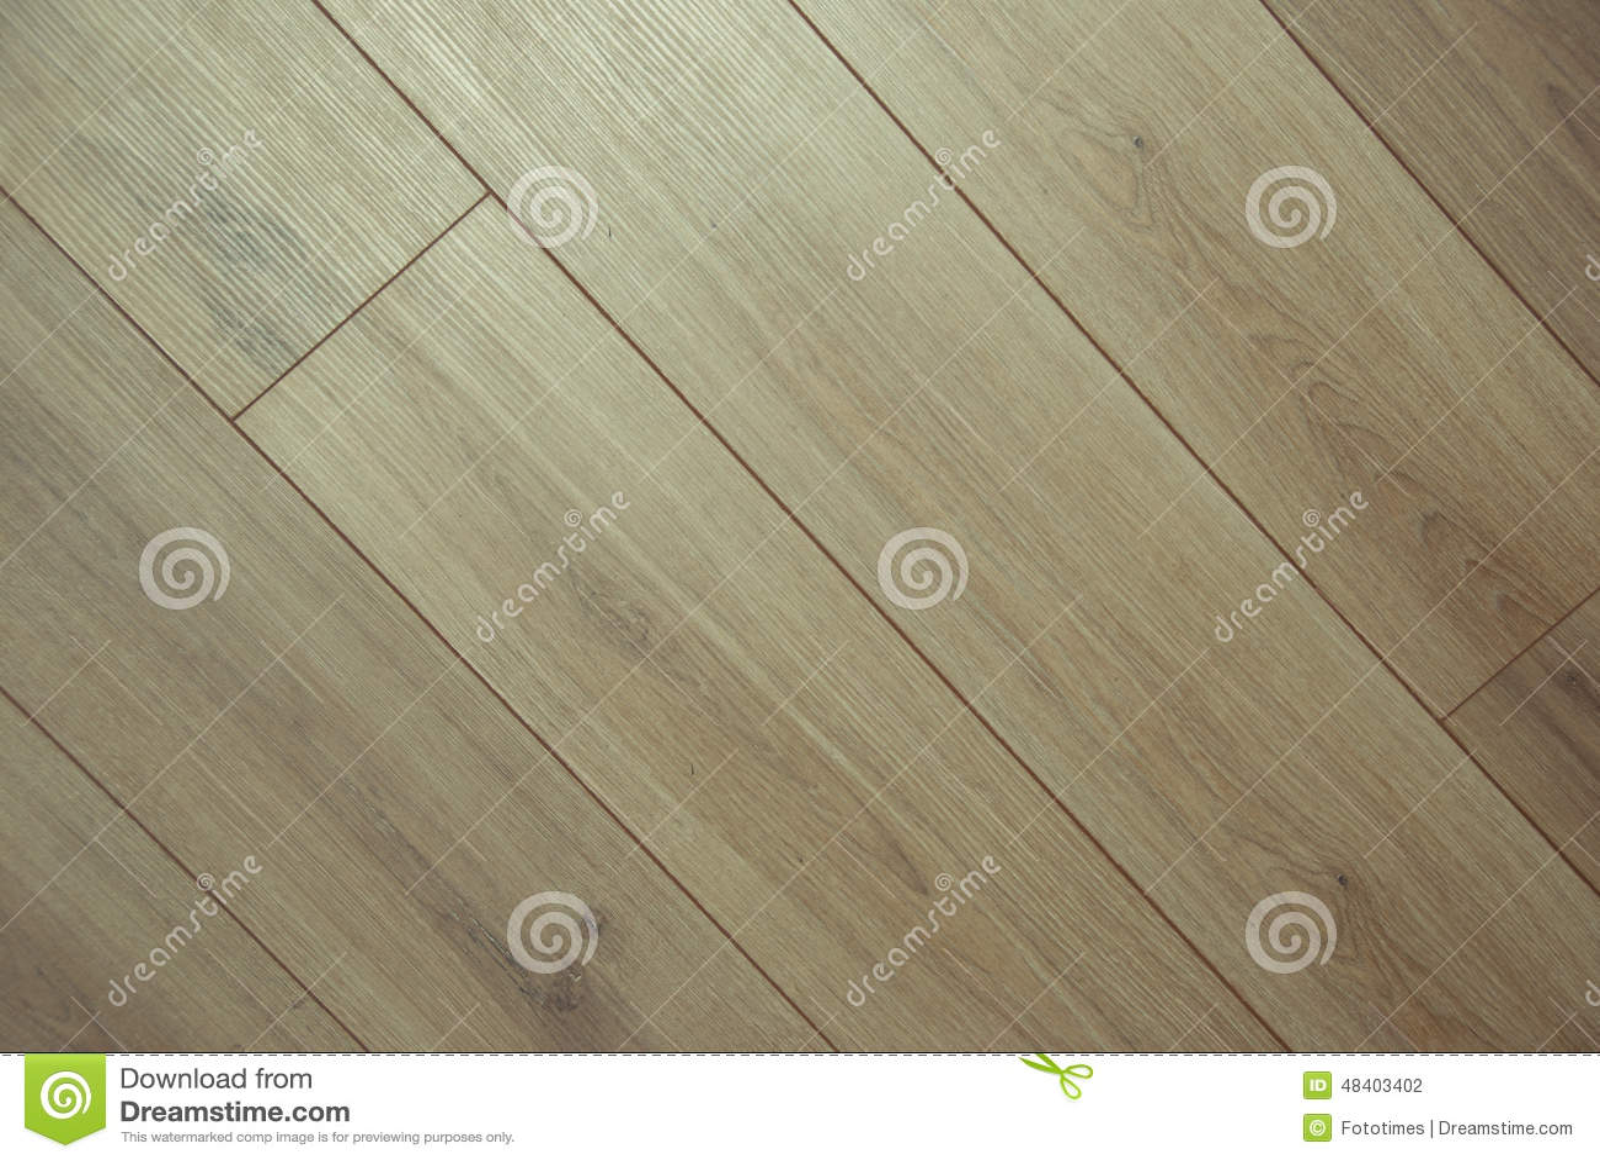 au sol en bois de texture photo stock image du ground. Black Bedroom Furniture Sets. Home Design Ideas